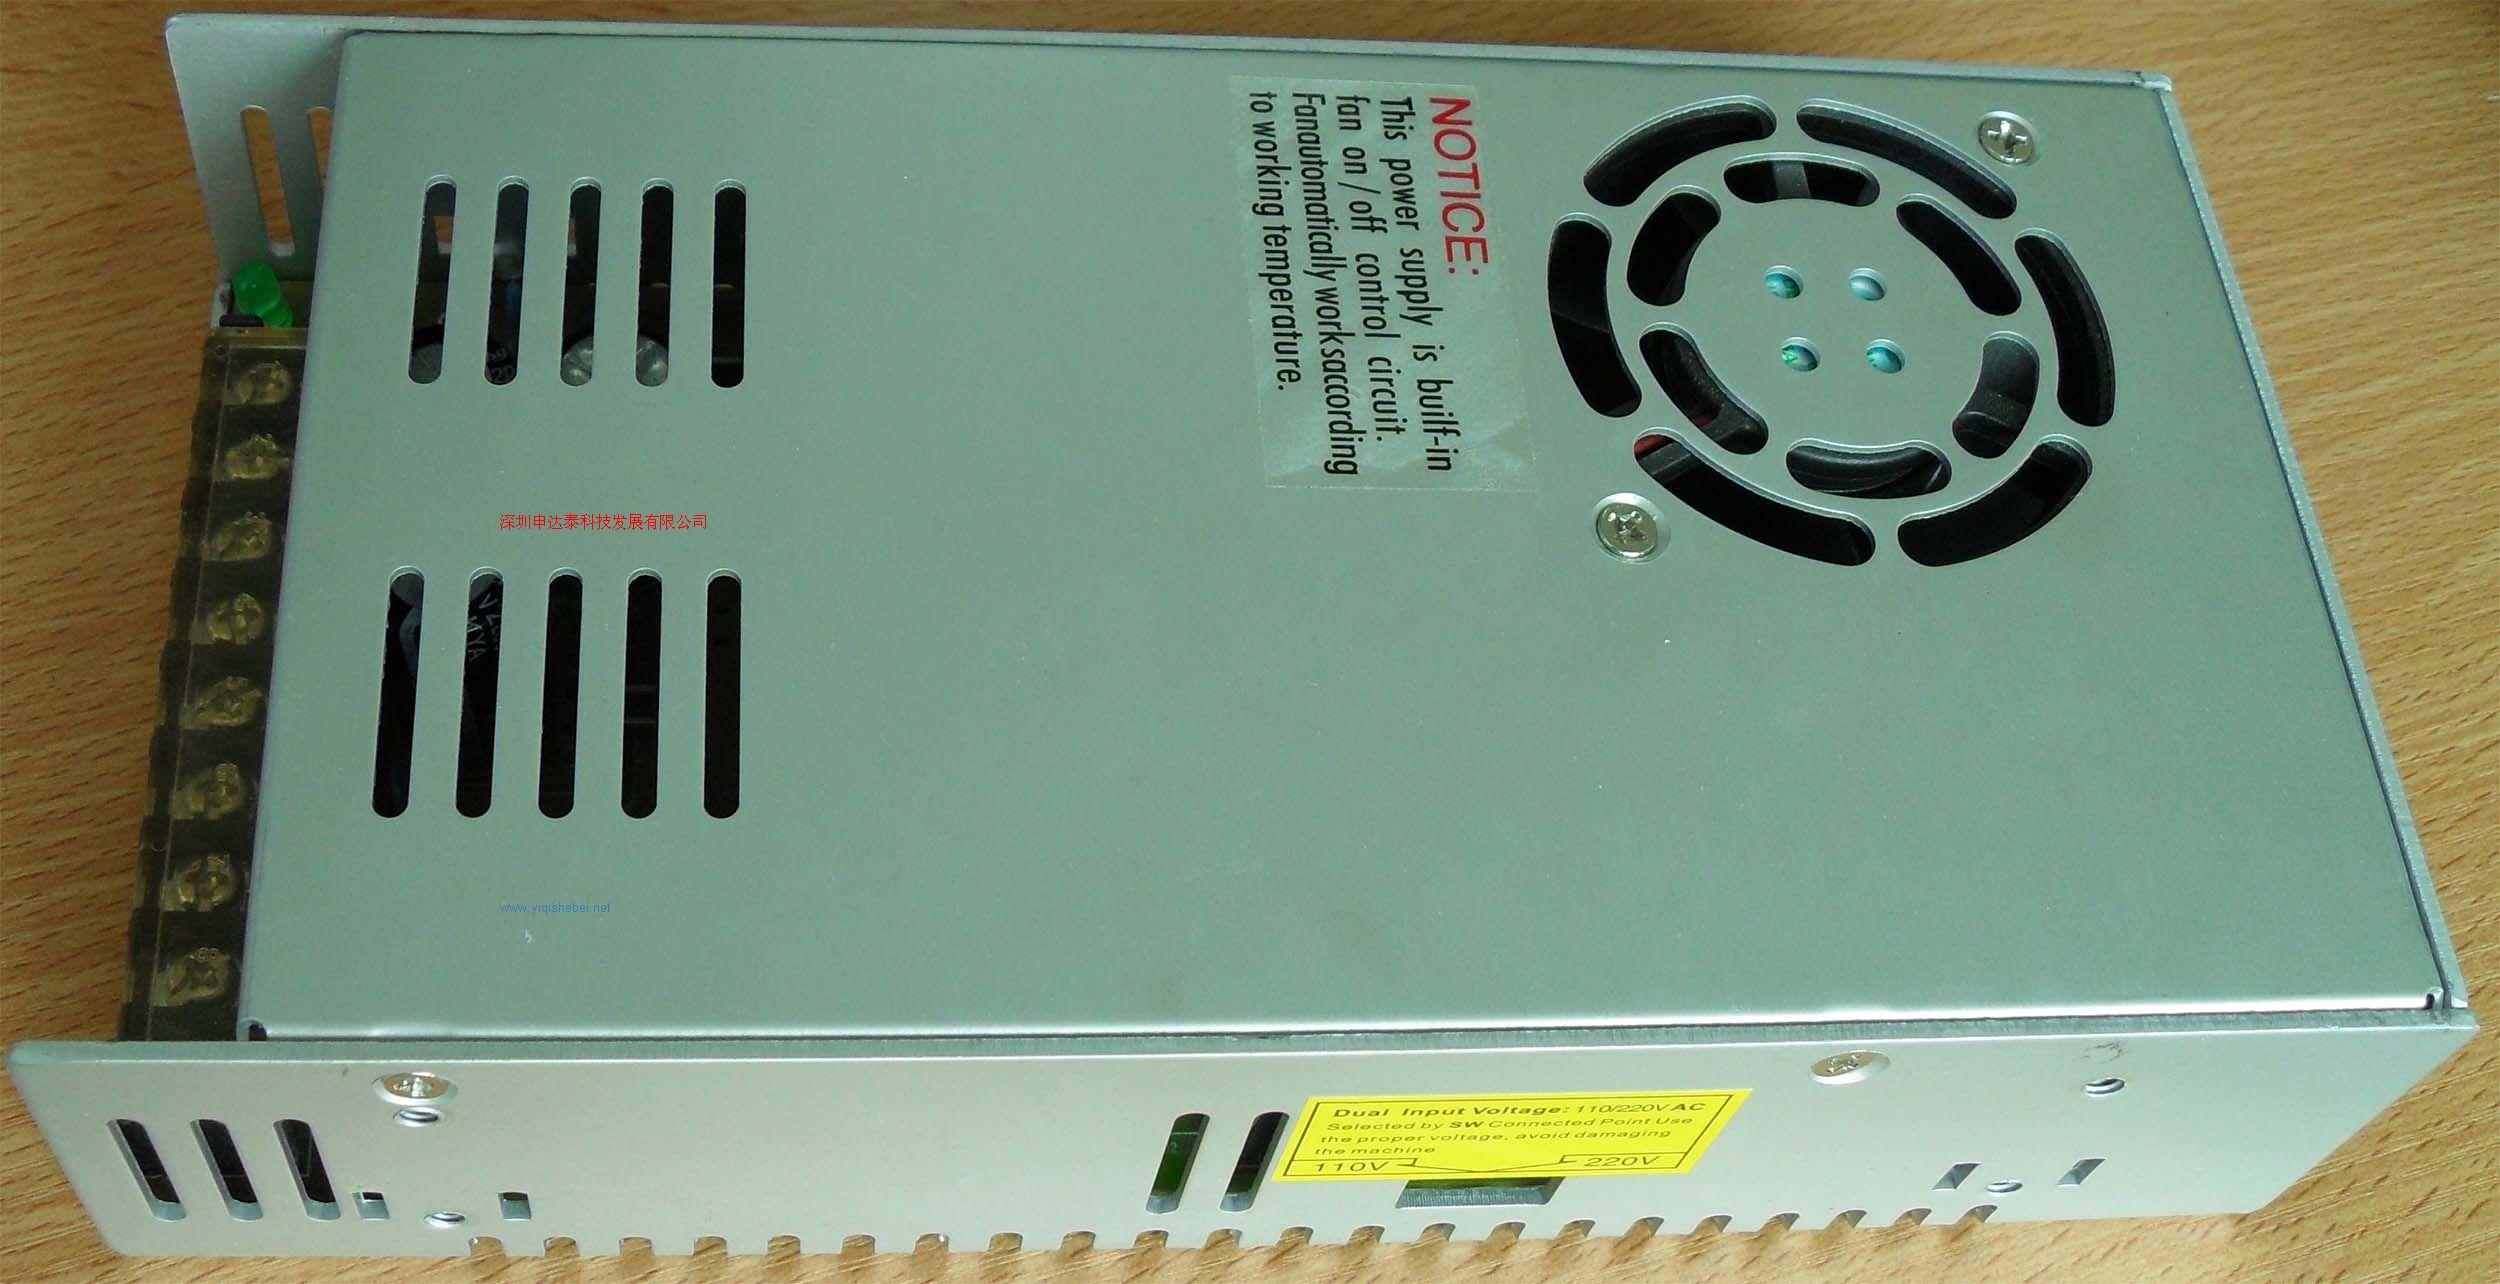 工业专业设备用电源